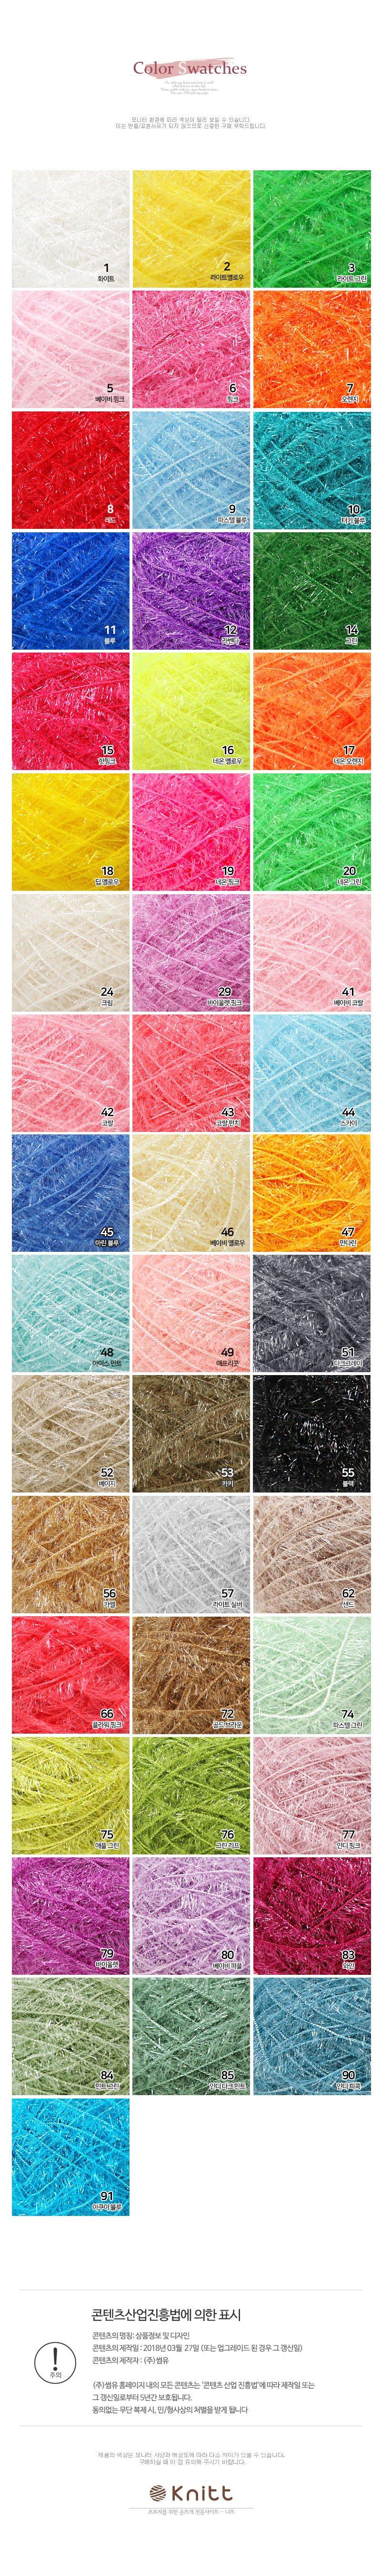 웰빙수세미(80g) - 수세미실,수세미뜨개실 - 니뜨, 2,500원, 뜨개질, 봄/여름용 뜨개실